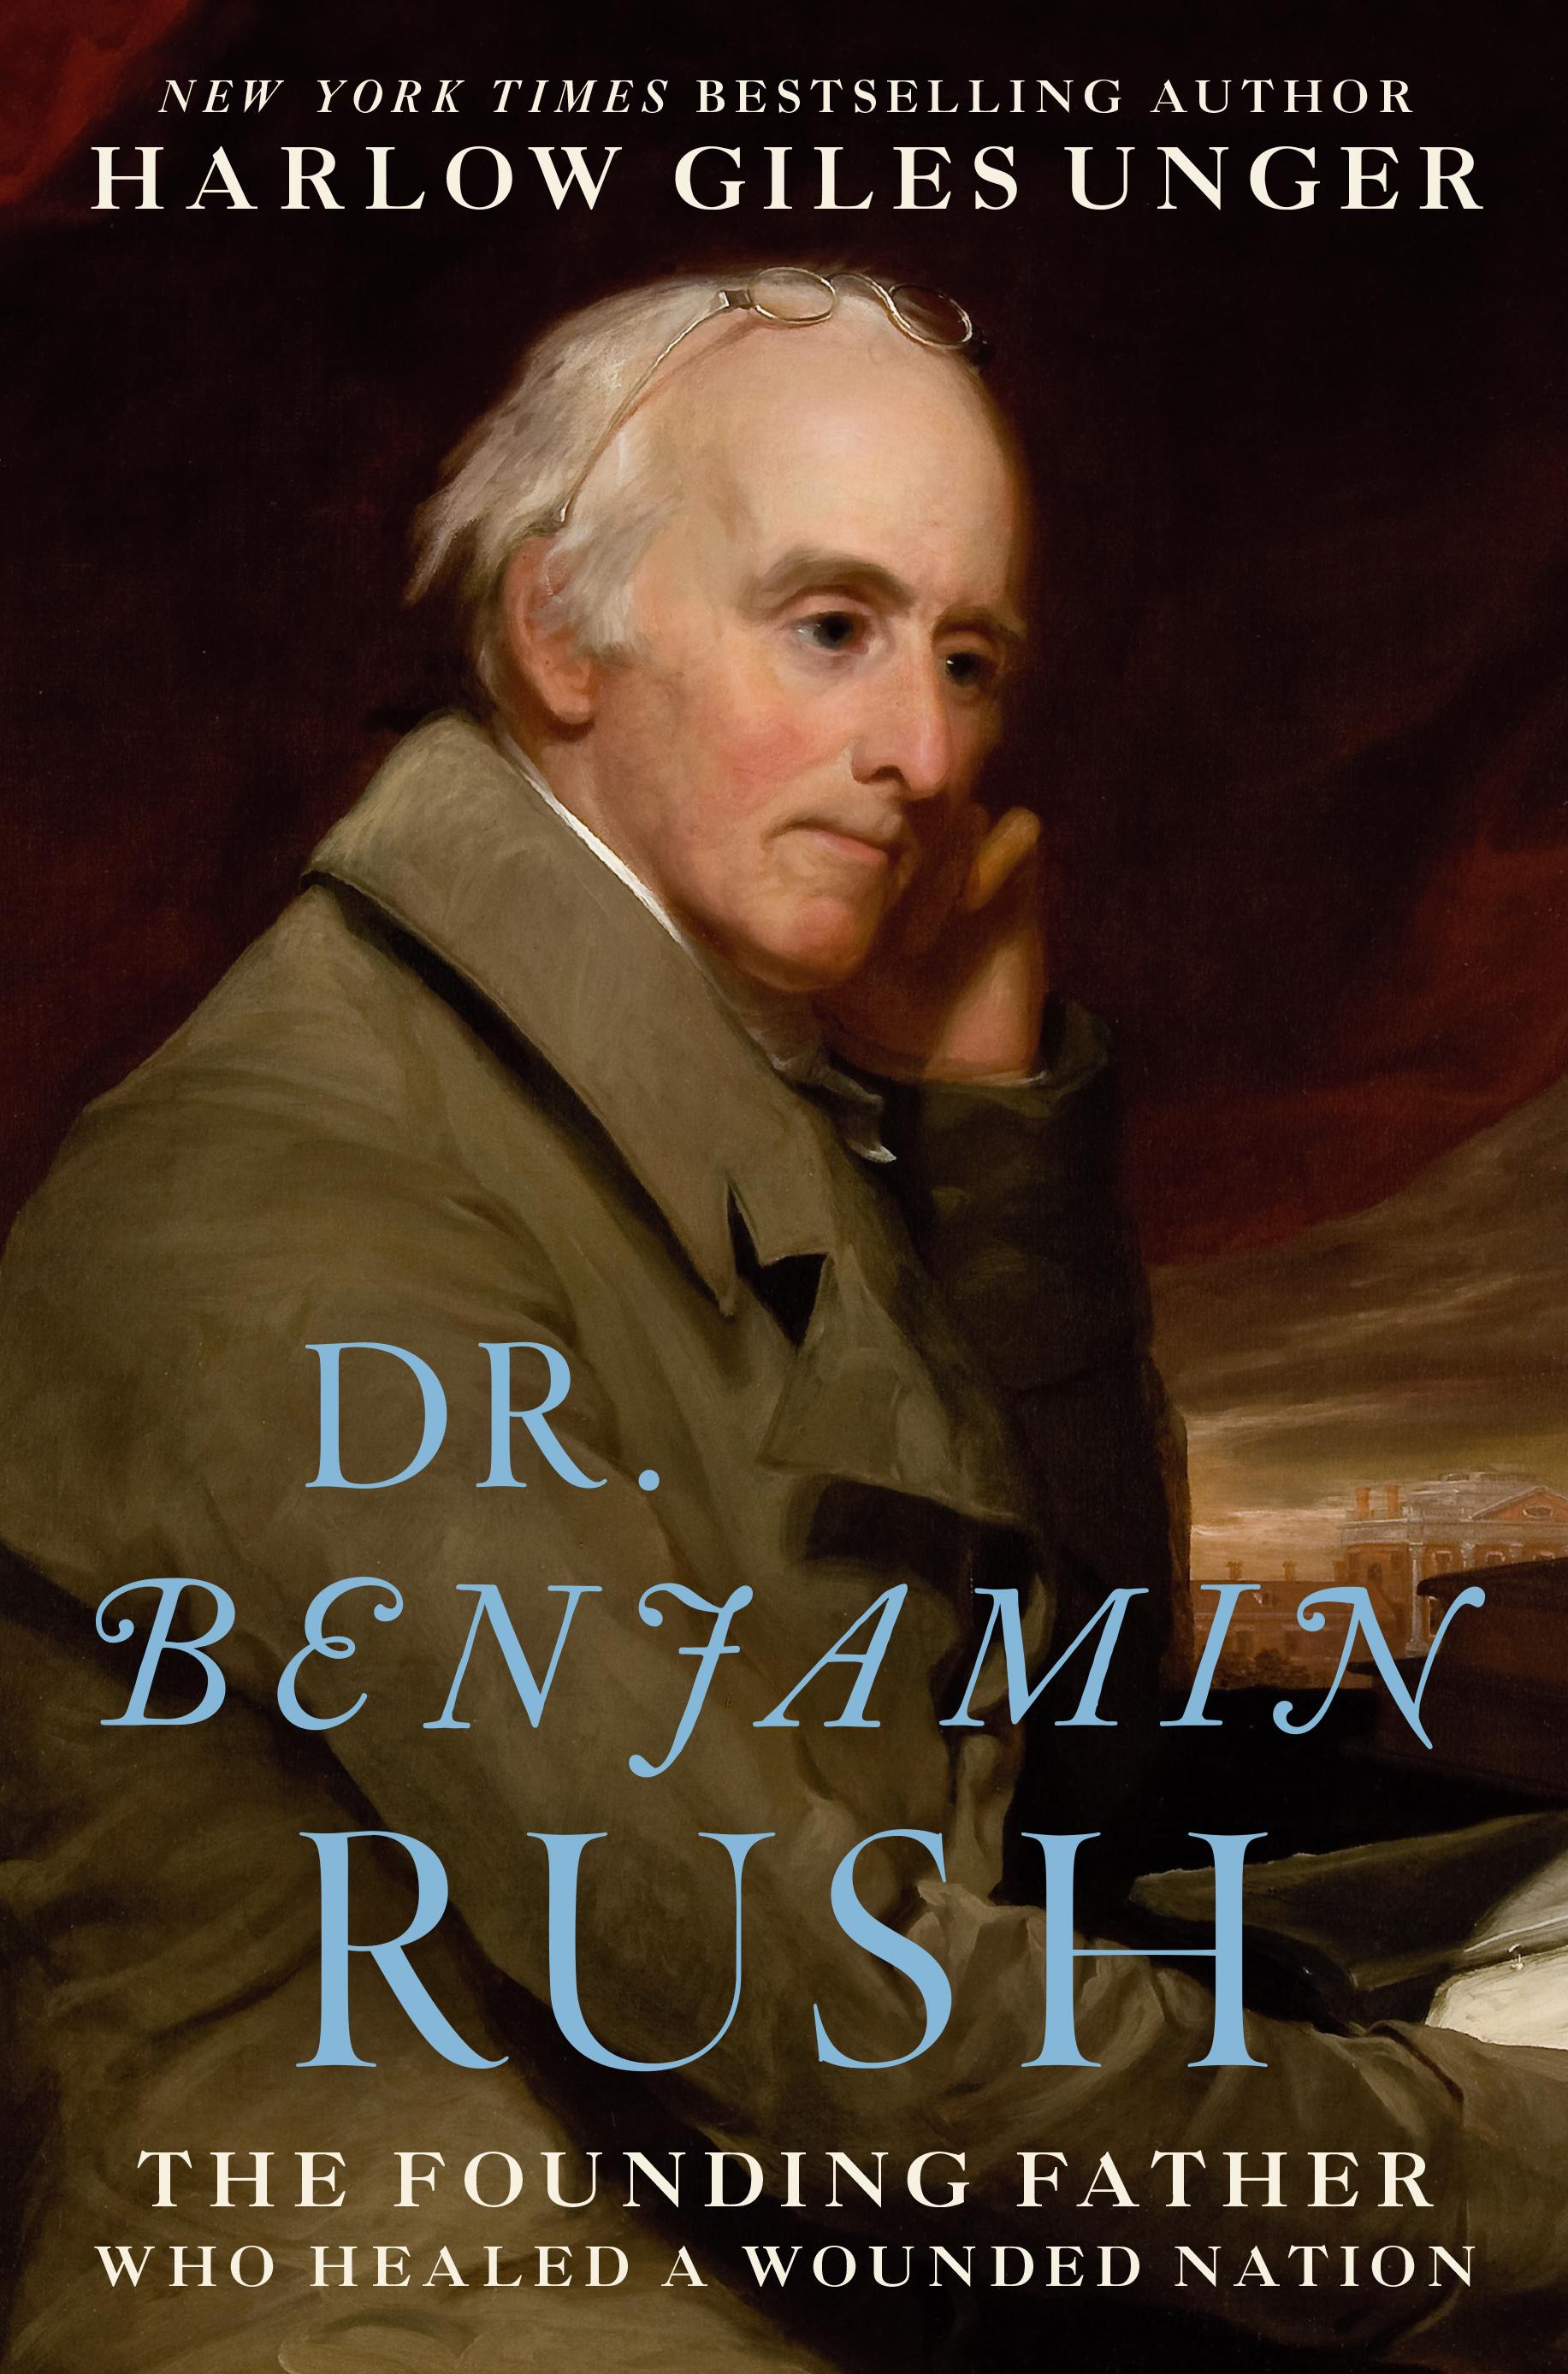 Benjamin Rush biography